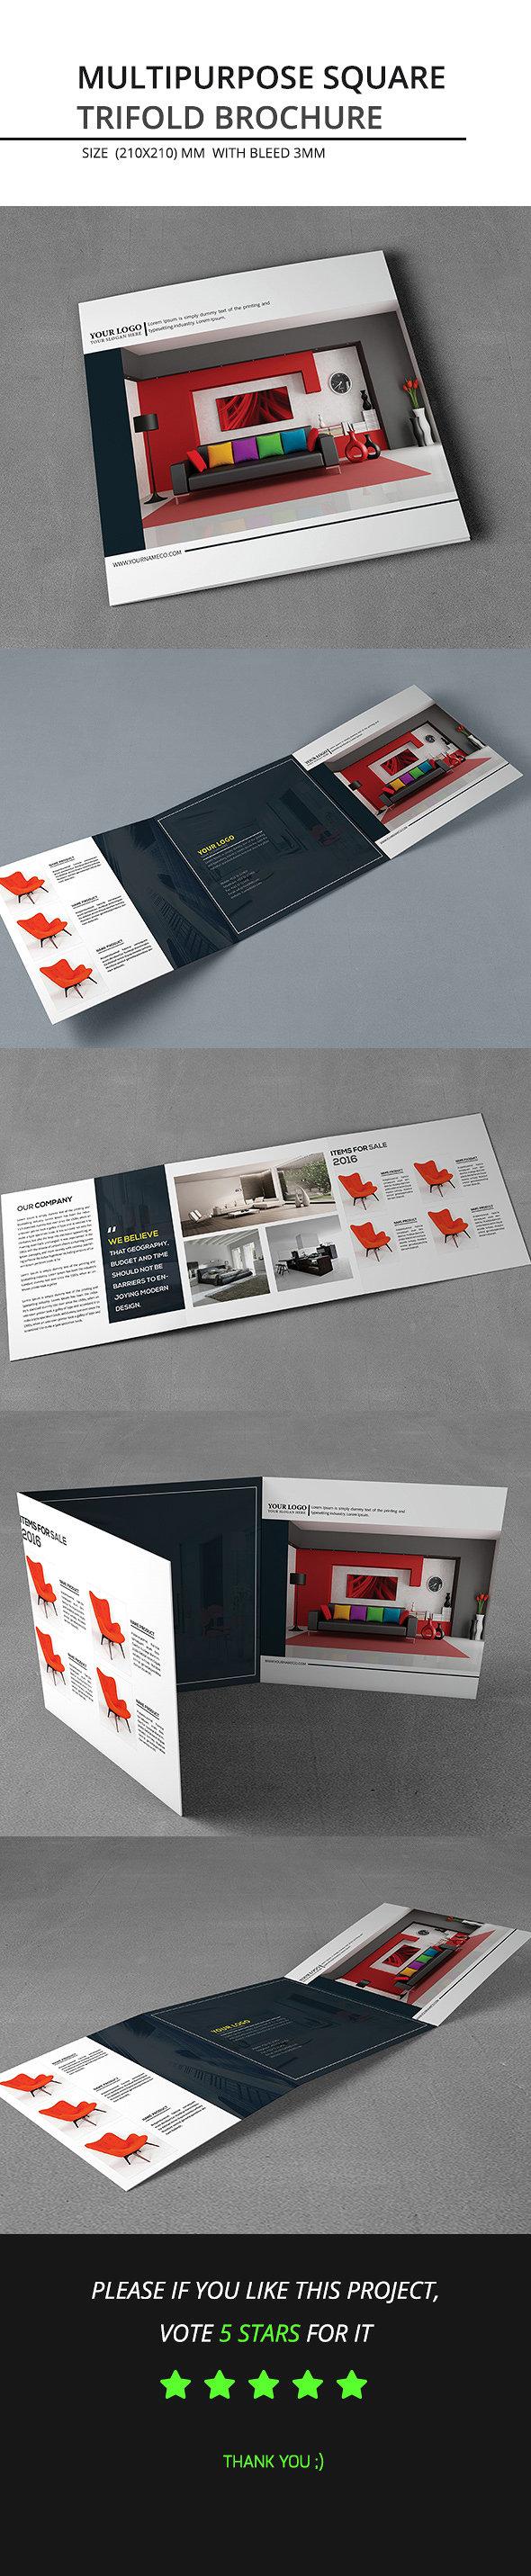 Multipurpose Square Trifold Brochure